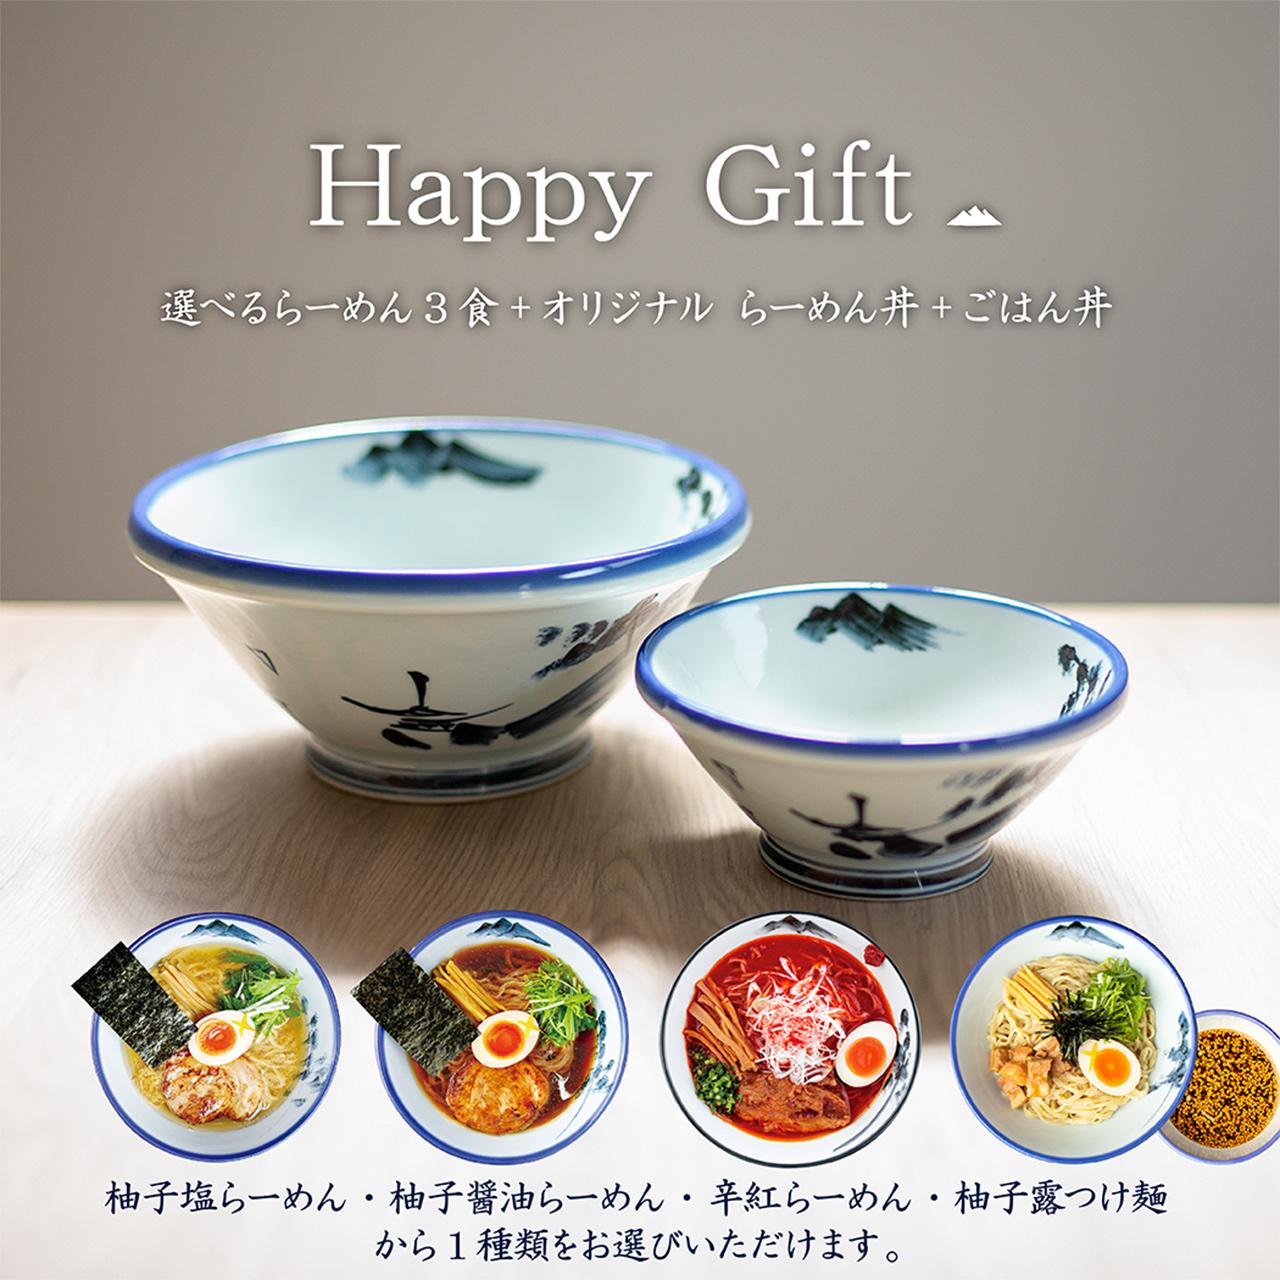 【ハッピーギフト】選べるらーめん/つけ麺3食入り+オリジナル丼2種